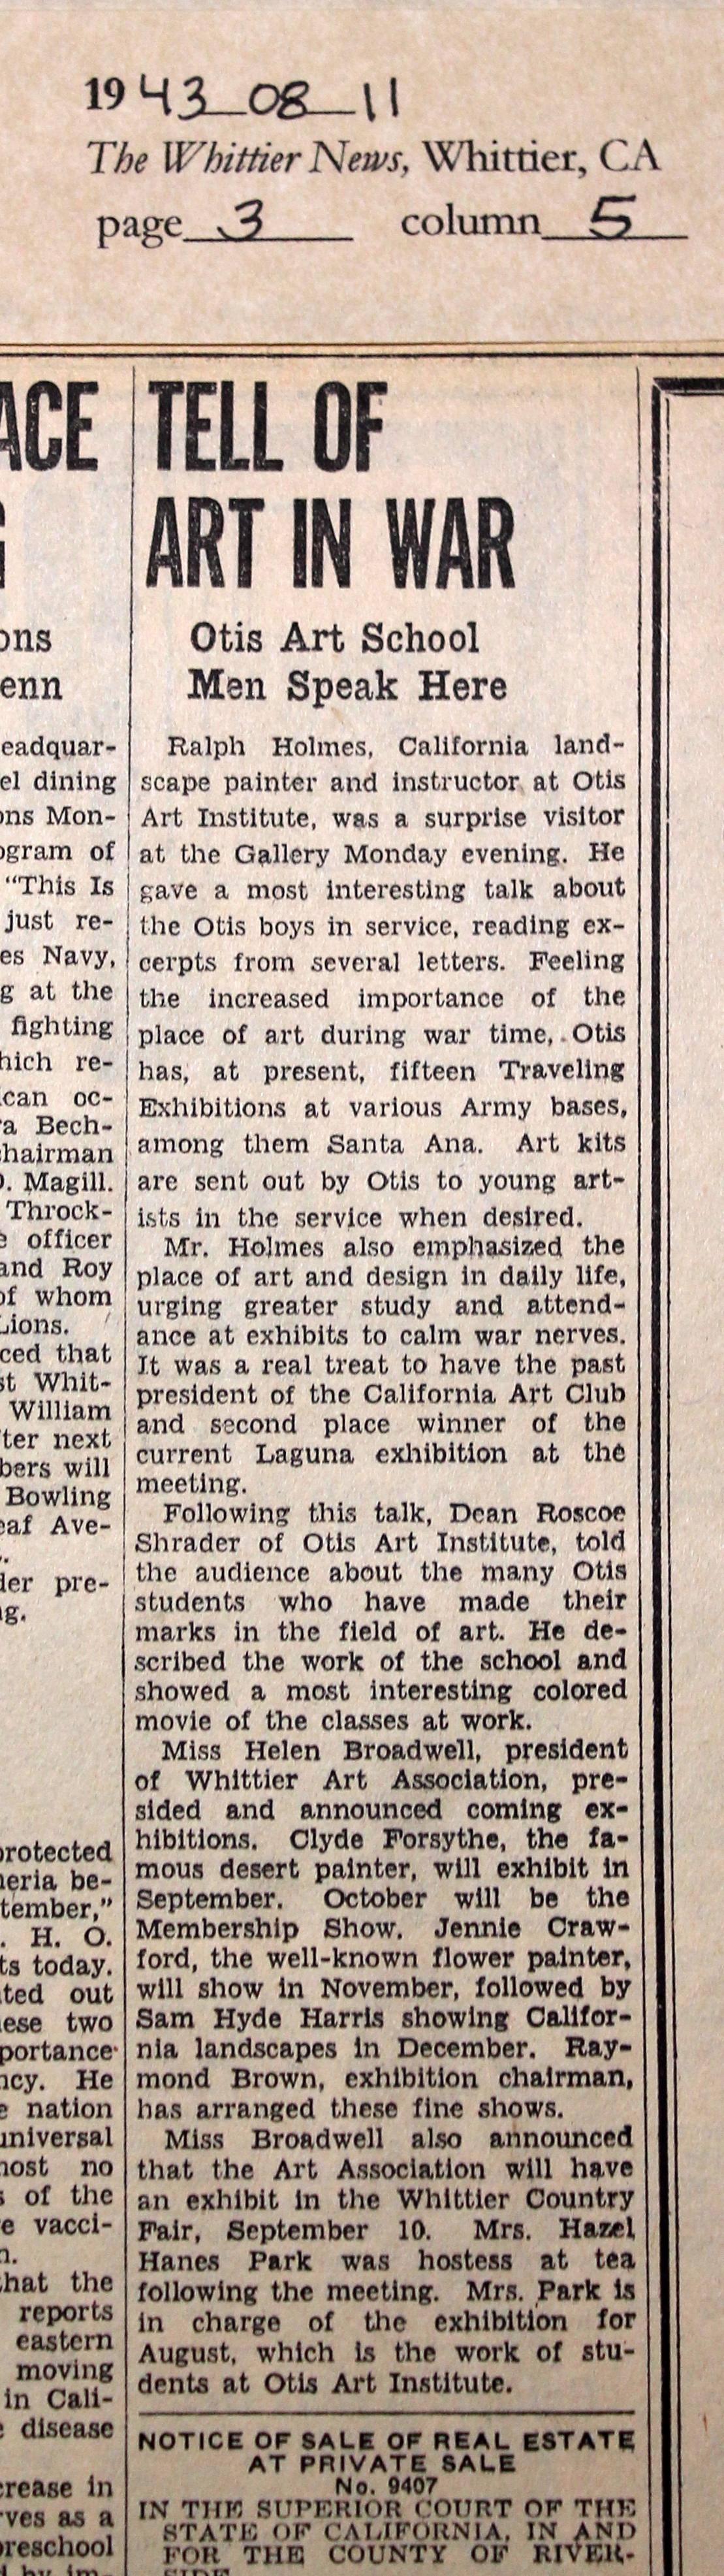 1943_08_11 WN Otis- Tell of Art in War edited